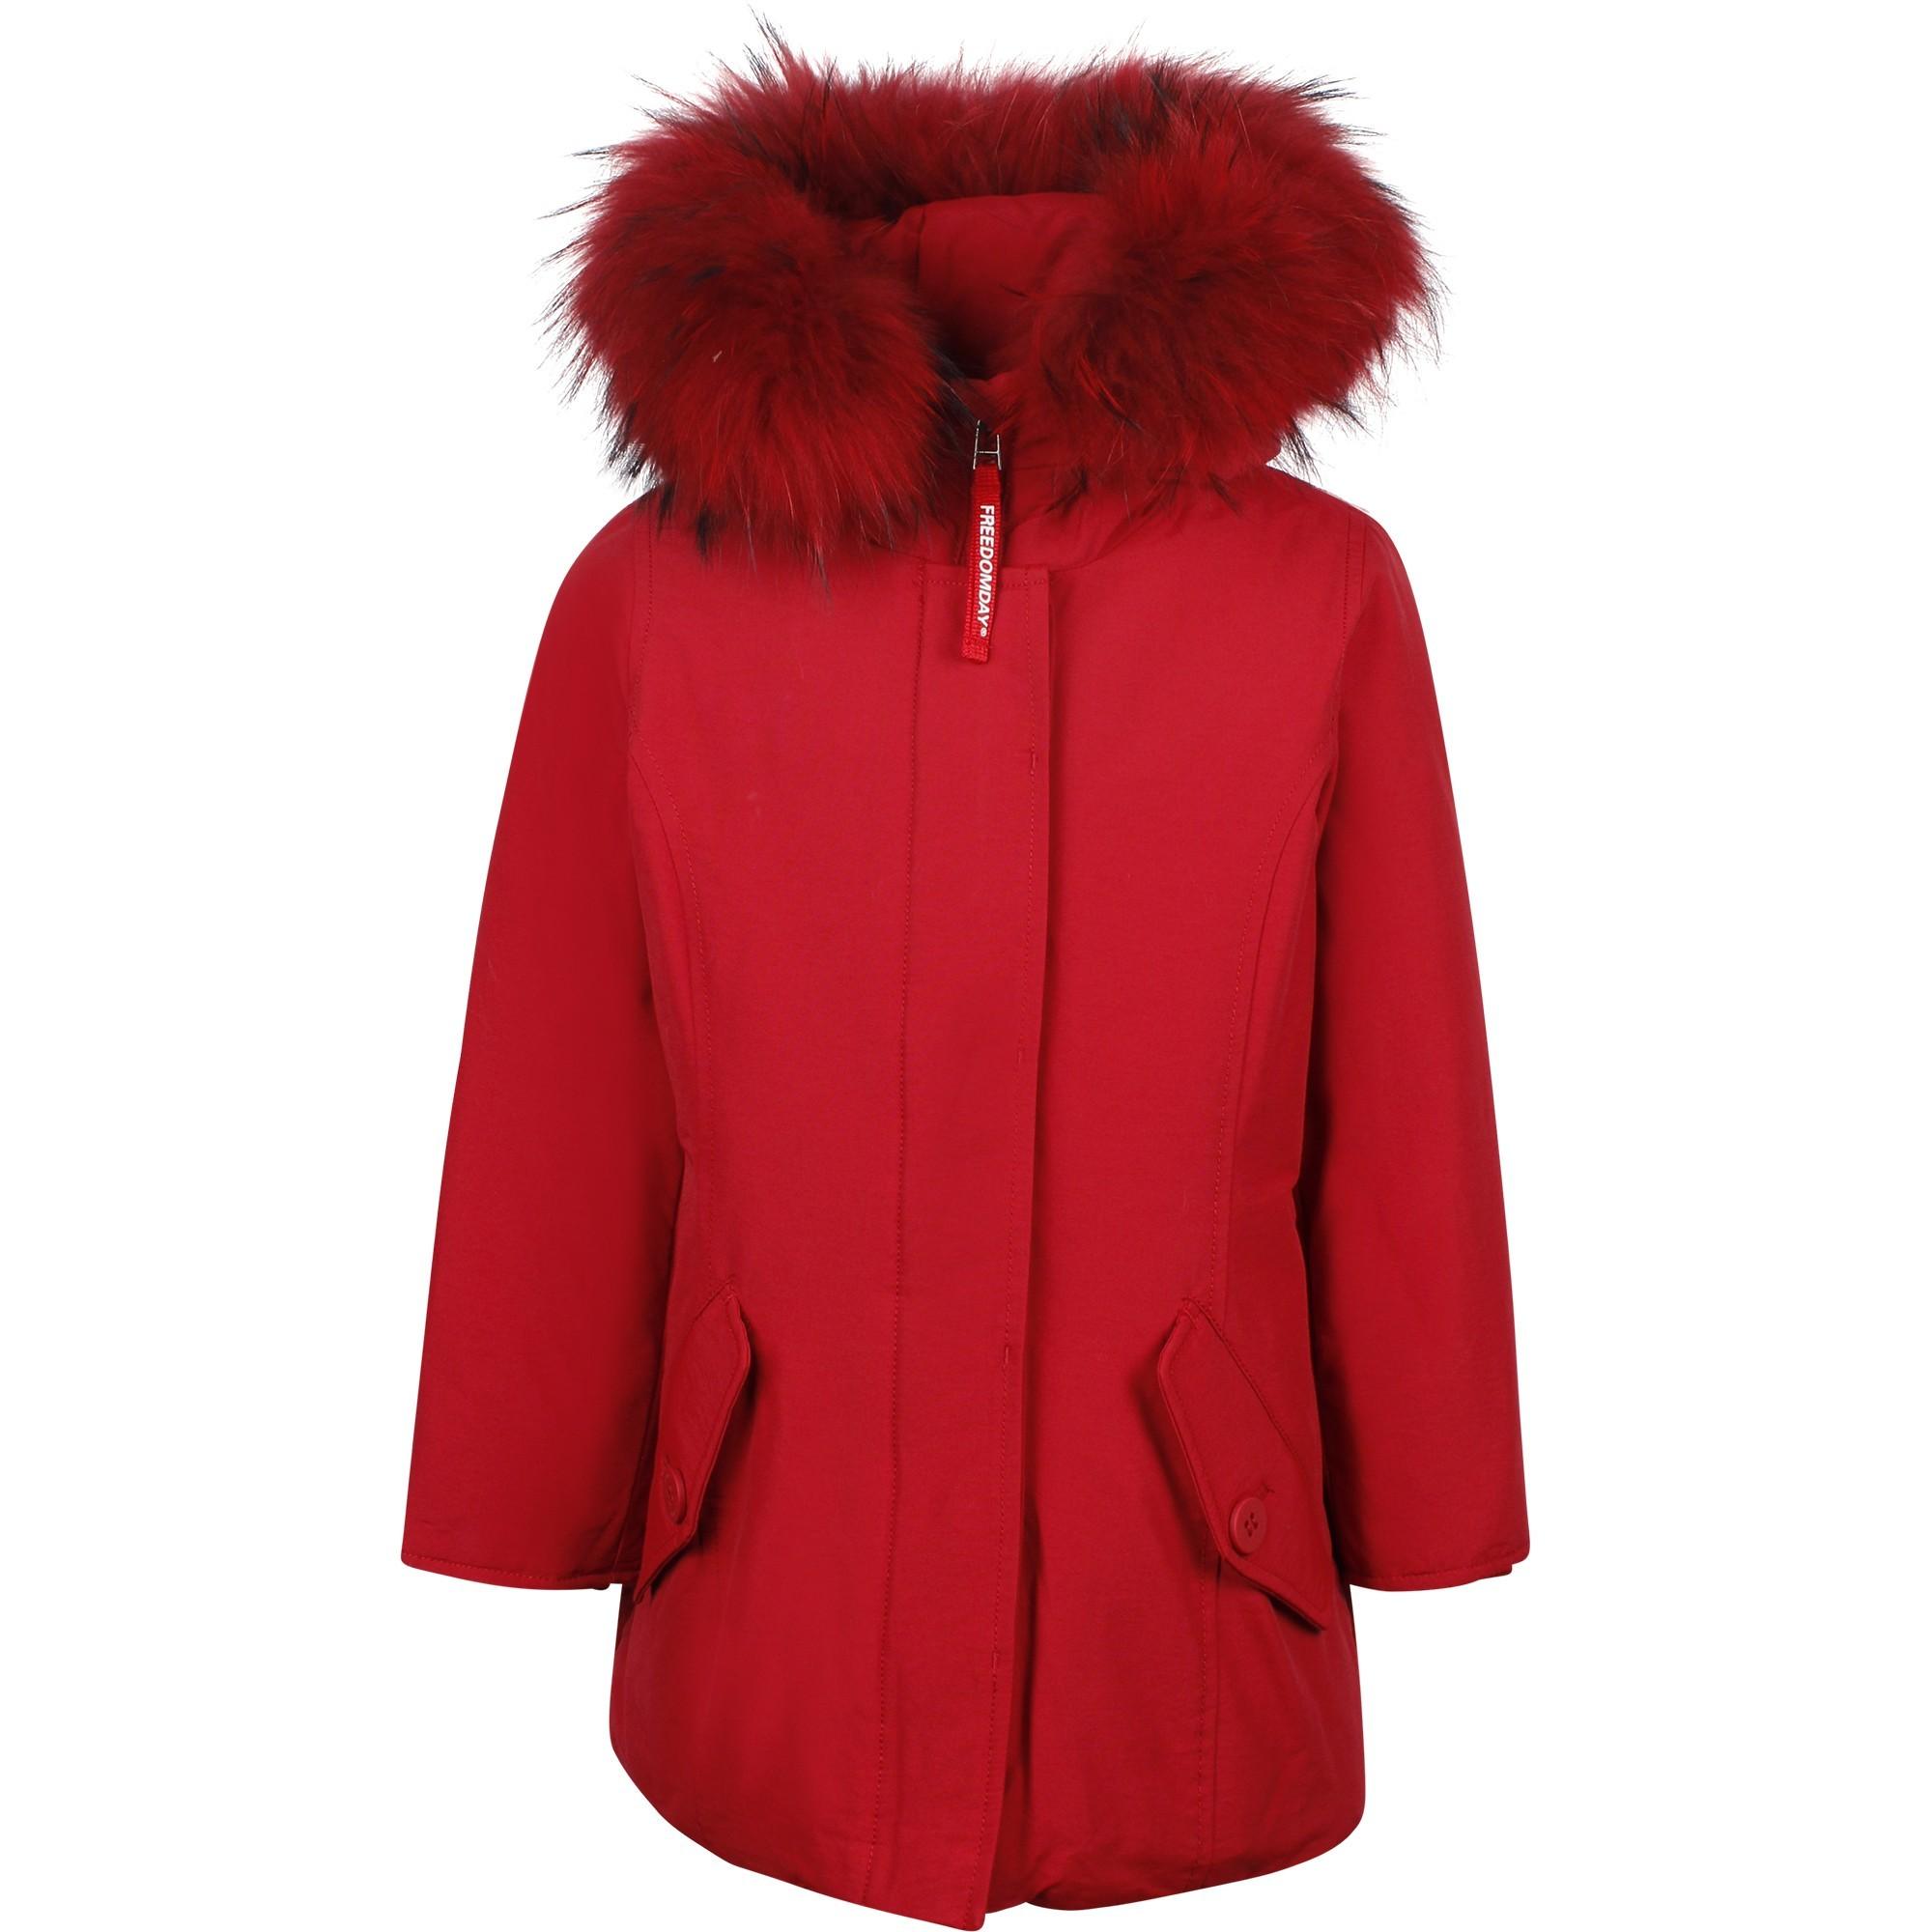 Ladies Red Parka Jacket